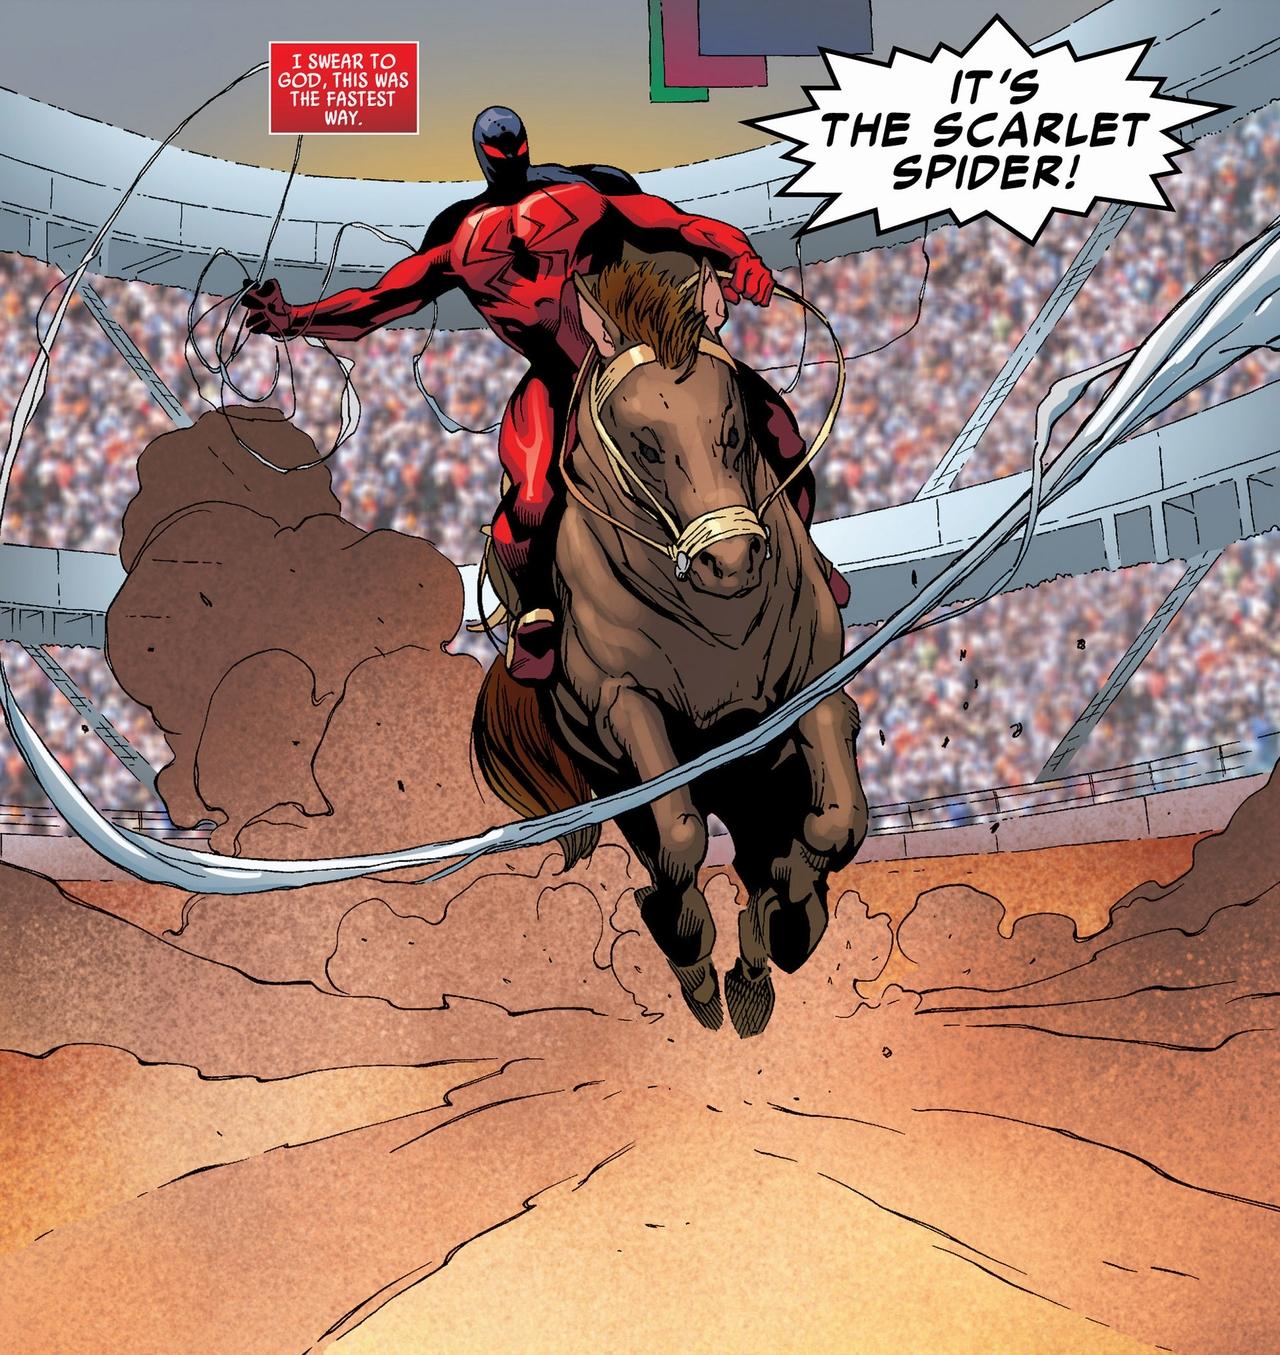 Ride'um cowboy